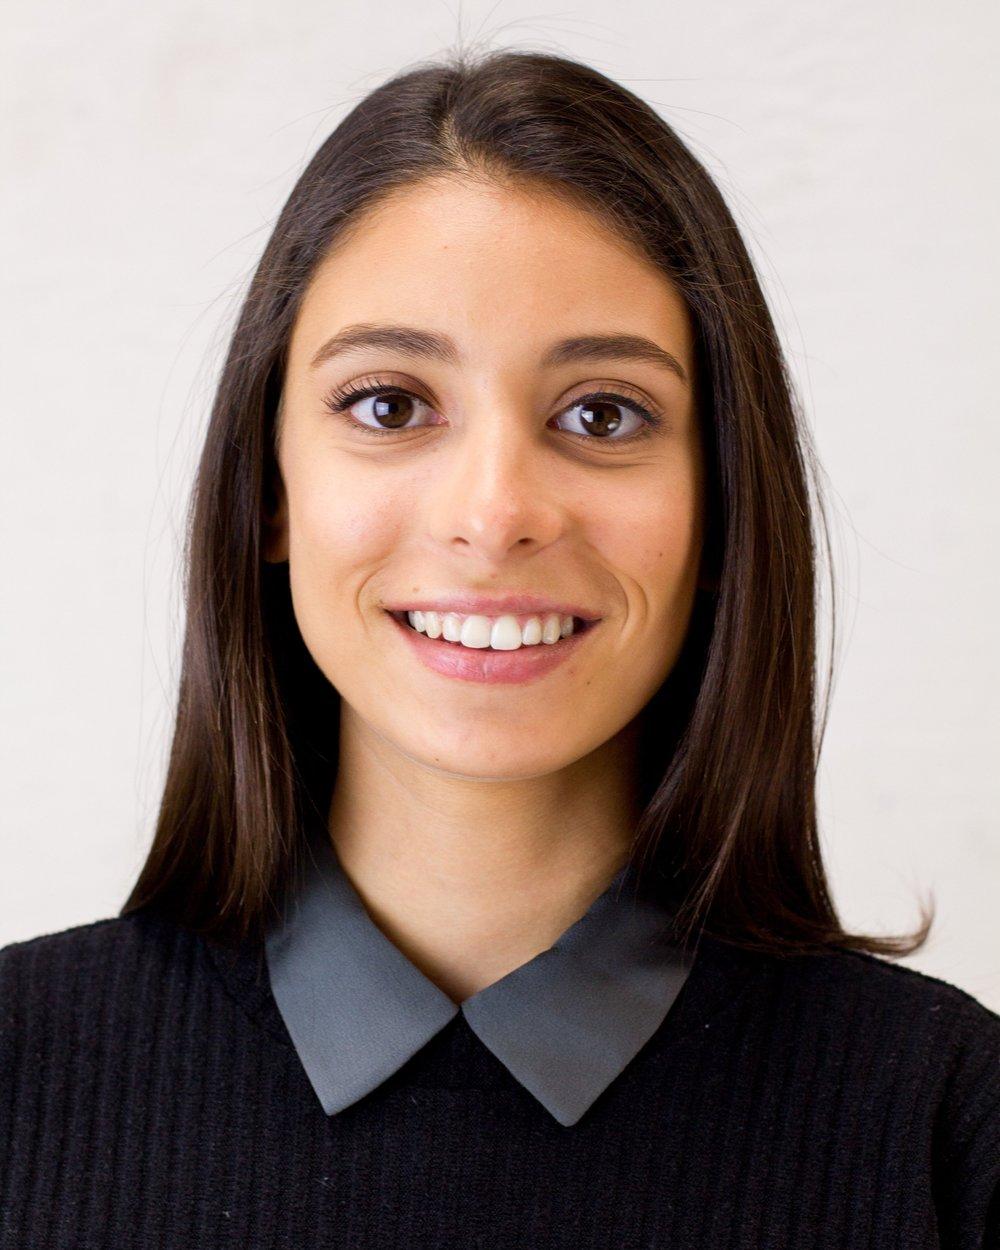 Isabel Baer